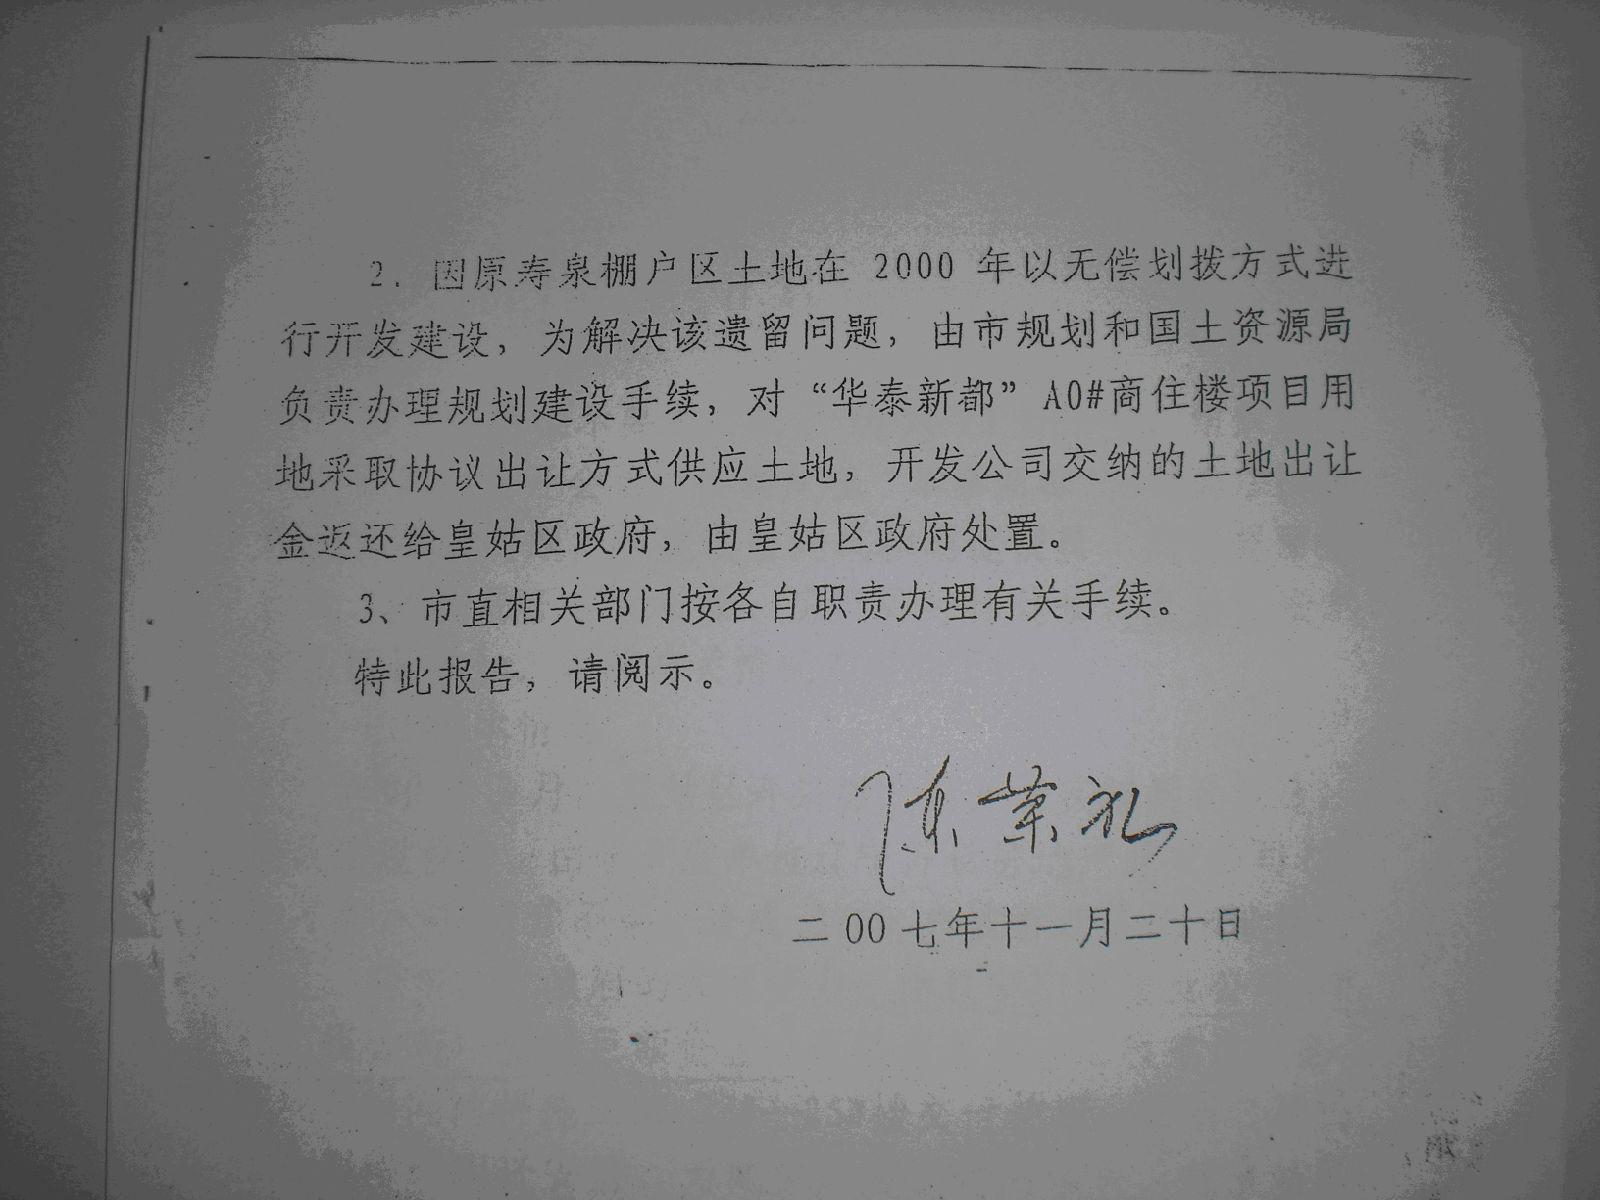 沈阳市皇姑区涉嫌土地FUBAI